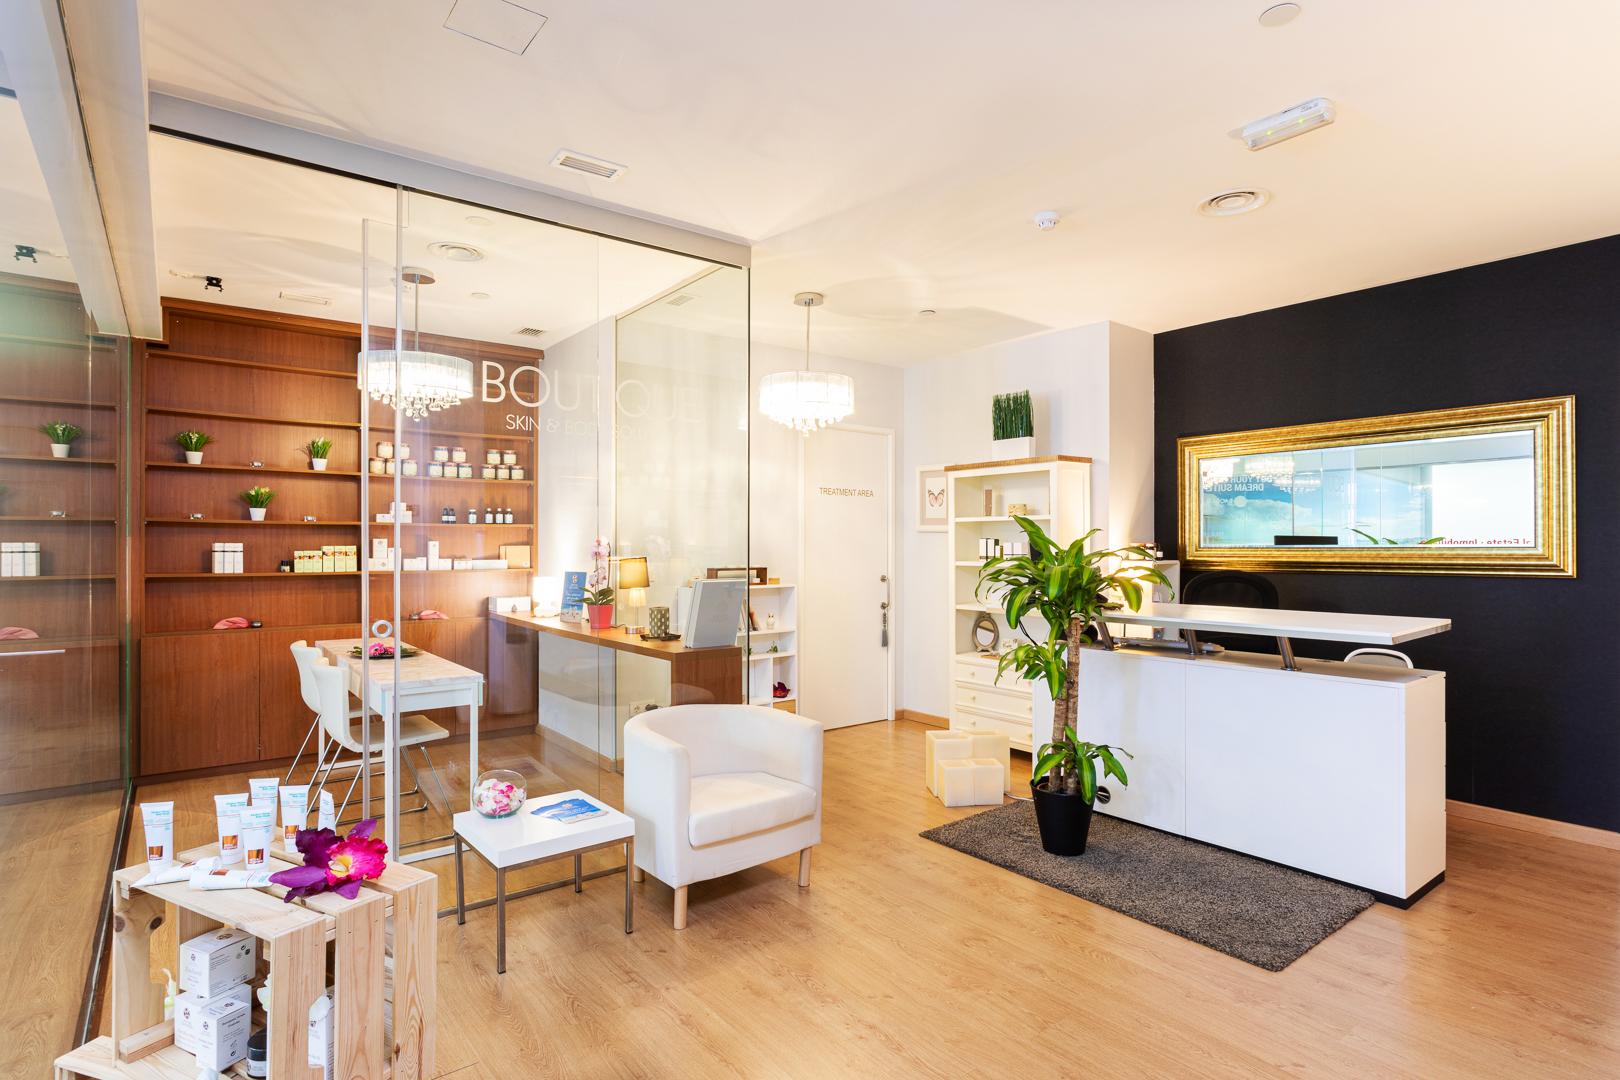 aloe-vera-propiedades-wellness-baobab-suites